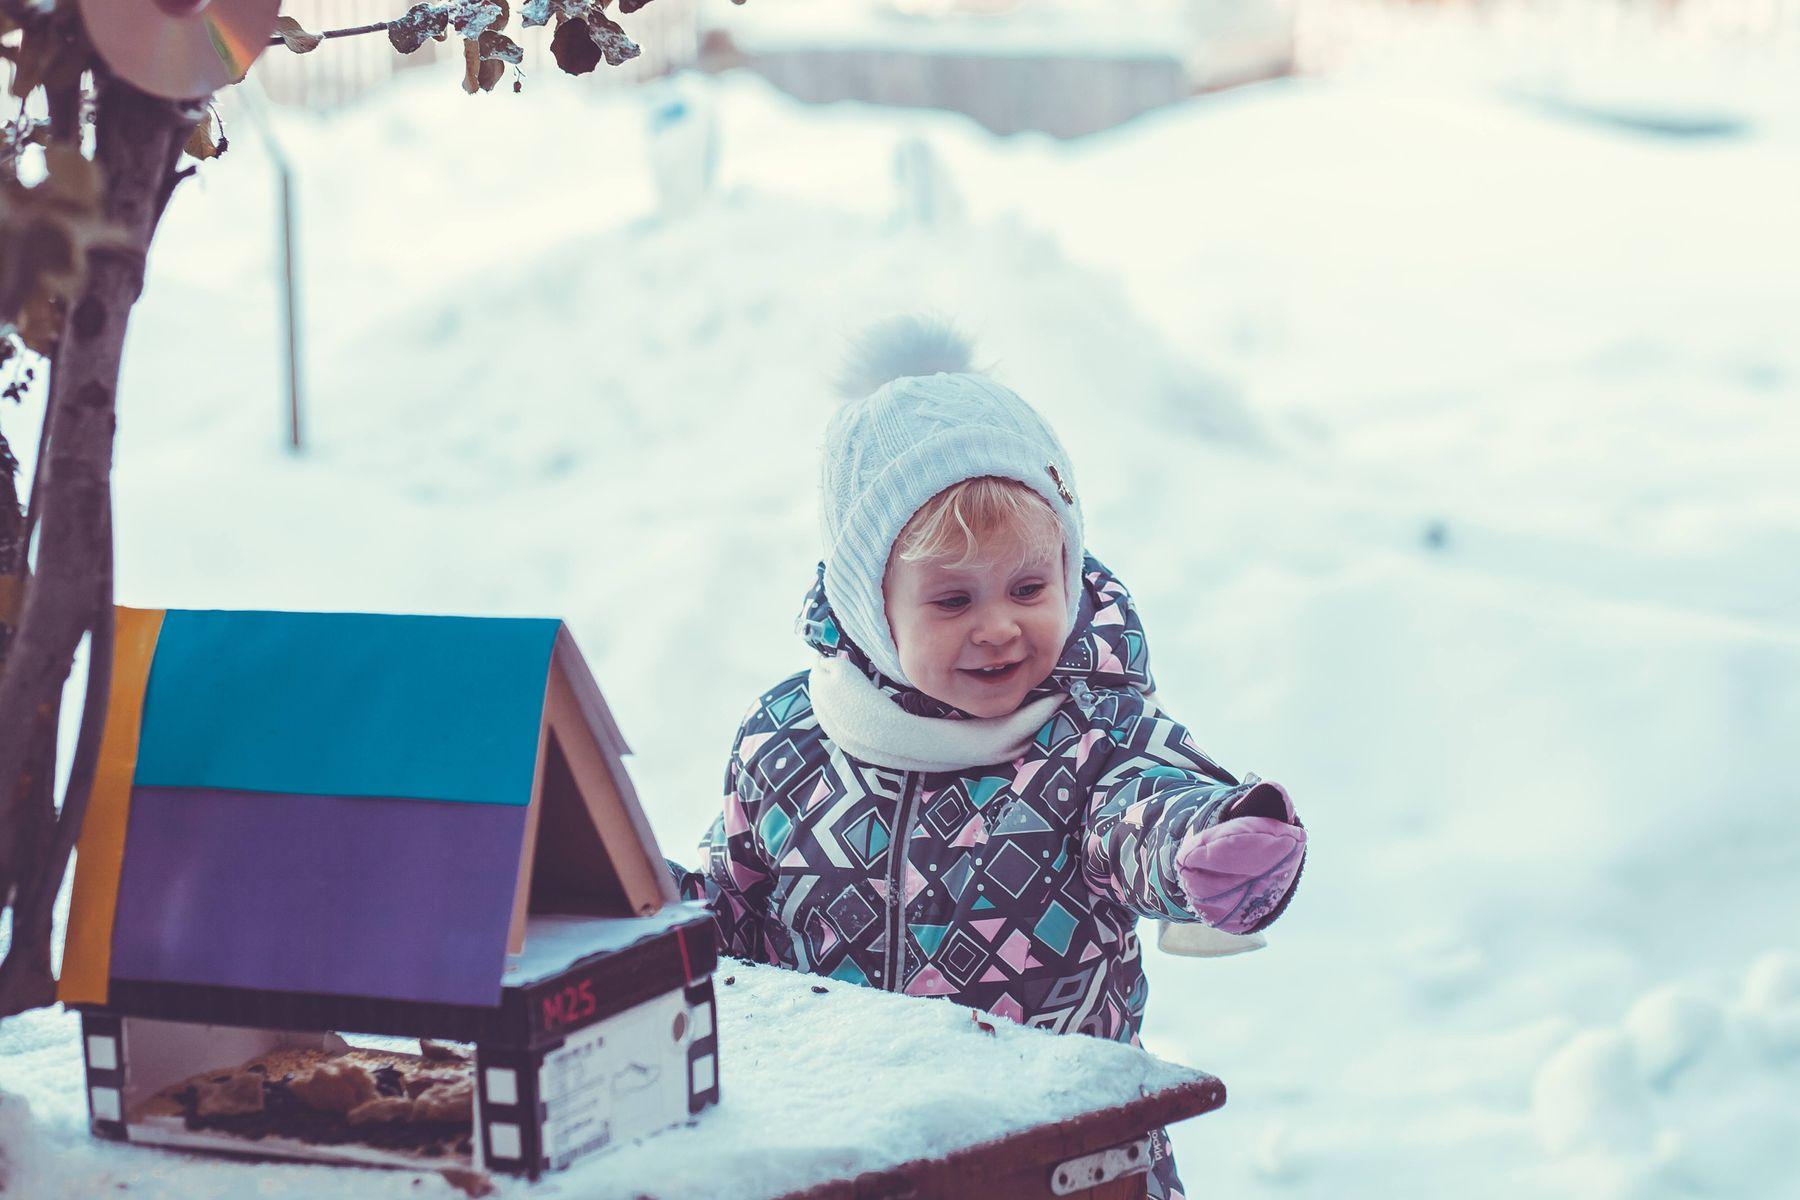 Mặc đẹp mùa đông cho bé cần chú ý những chi tiết gì?